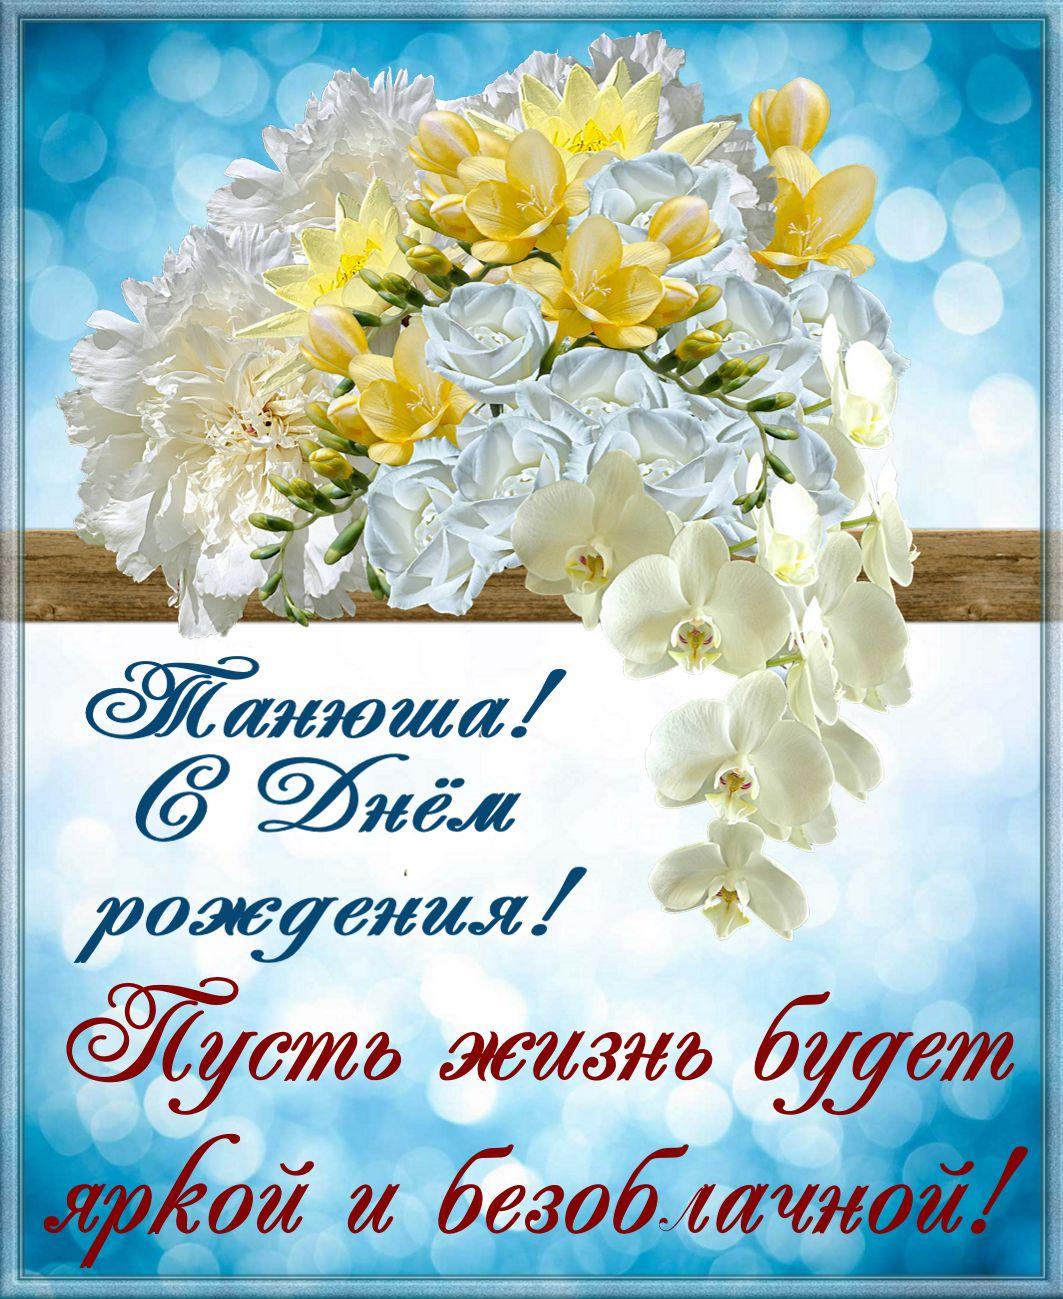 Krasivye Otkrytki Kartinki S Dnyom Rozhdeniya Tatyane Zhenshine